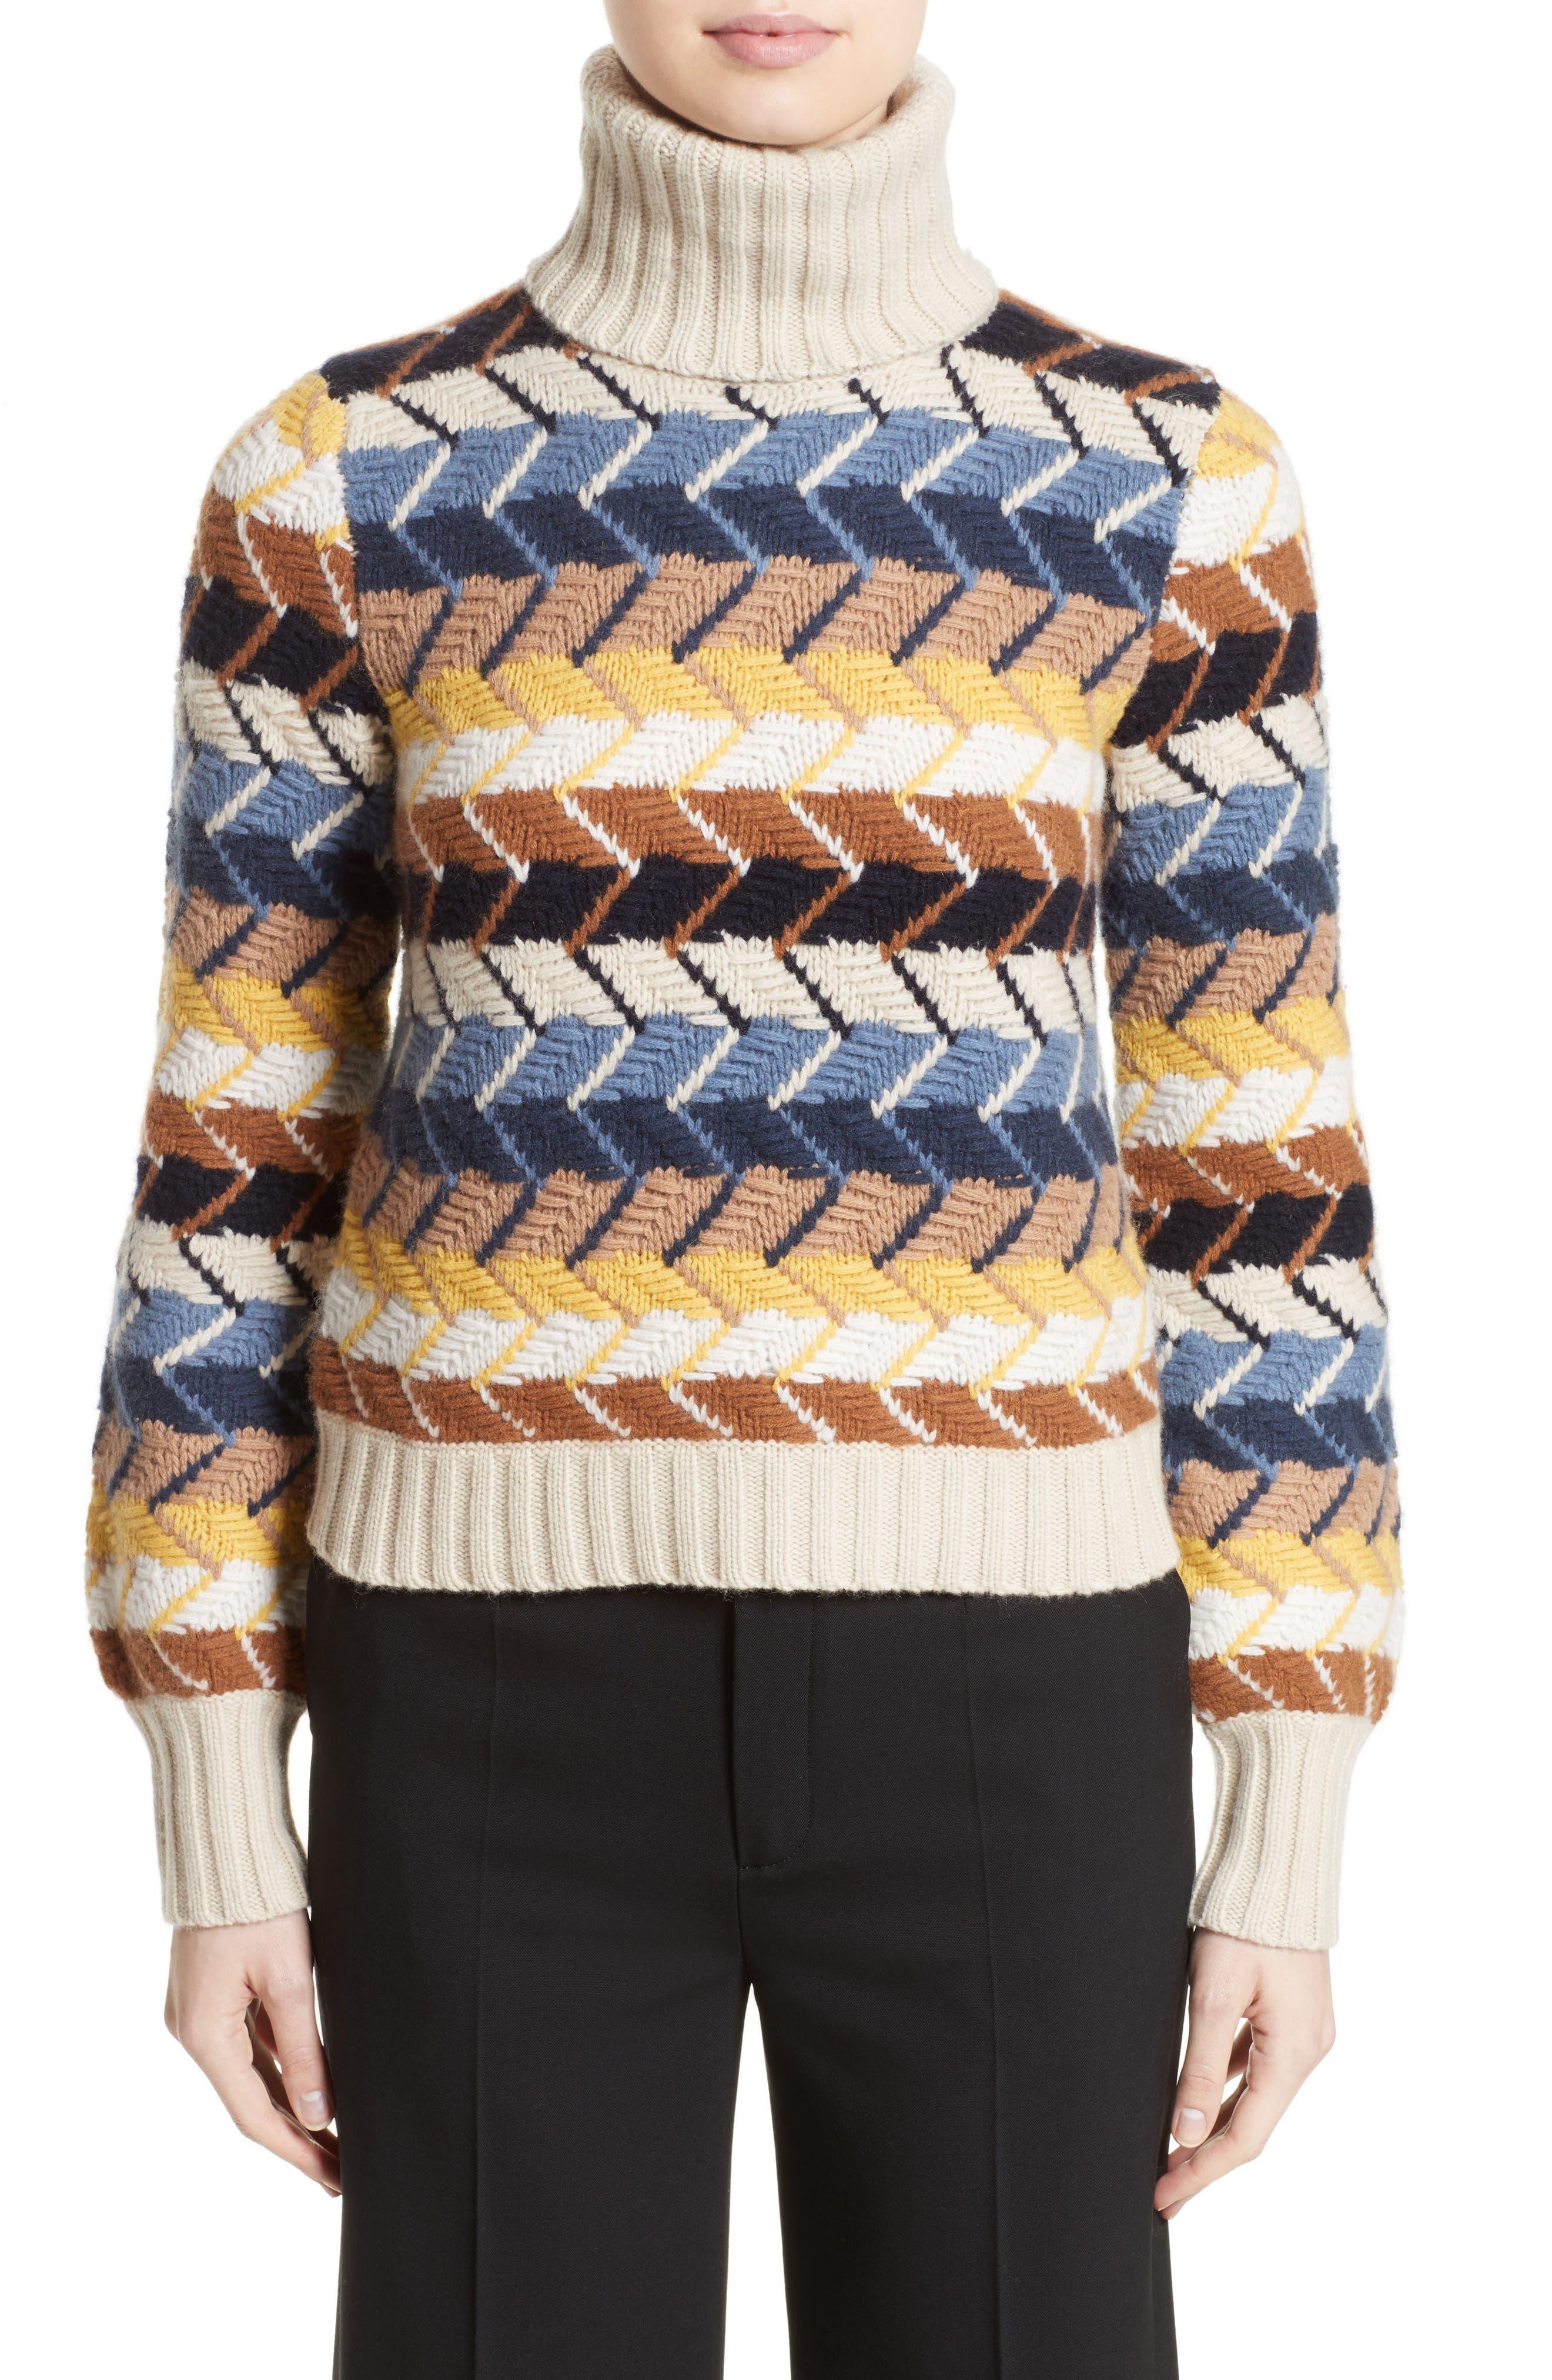 Herringbone Wool & Cashmere Turtleneck Sweater,                         Main,                         color, Multicolor Blue